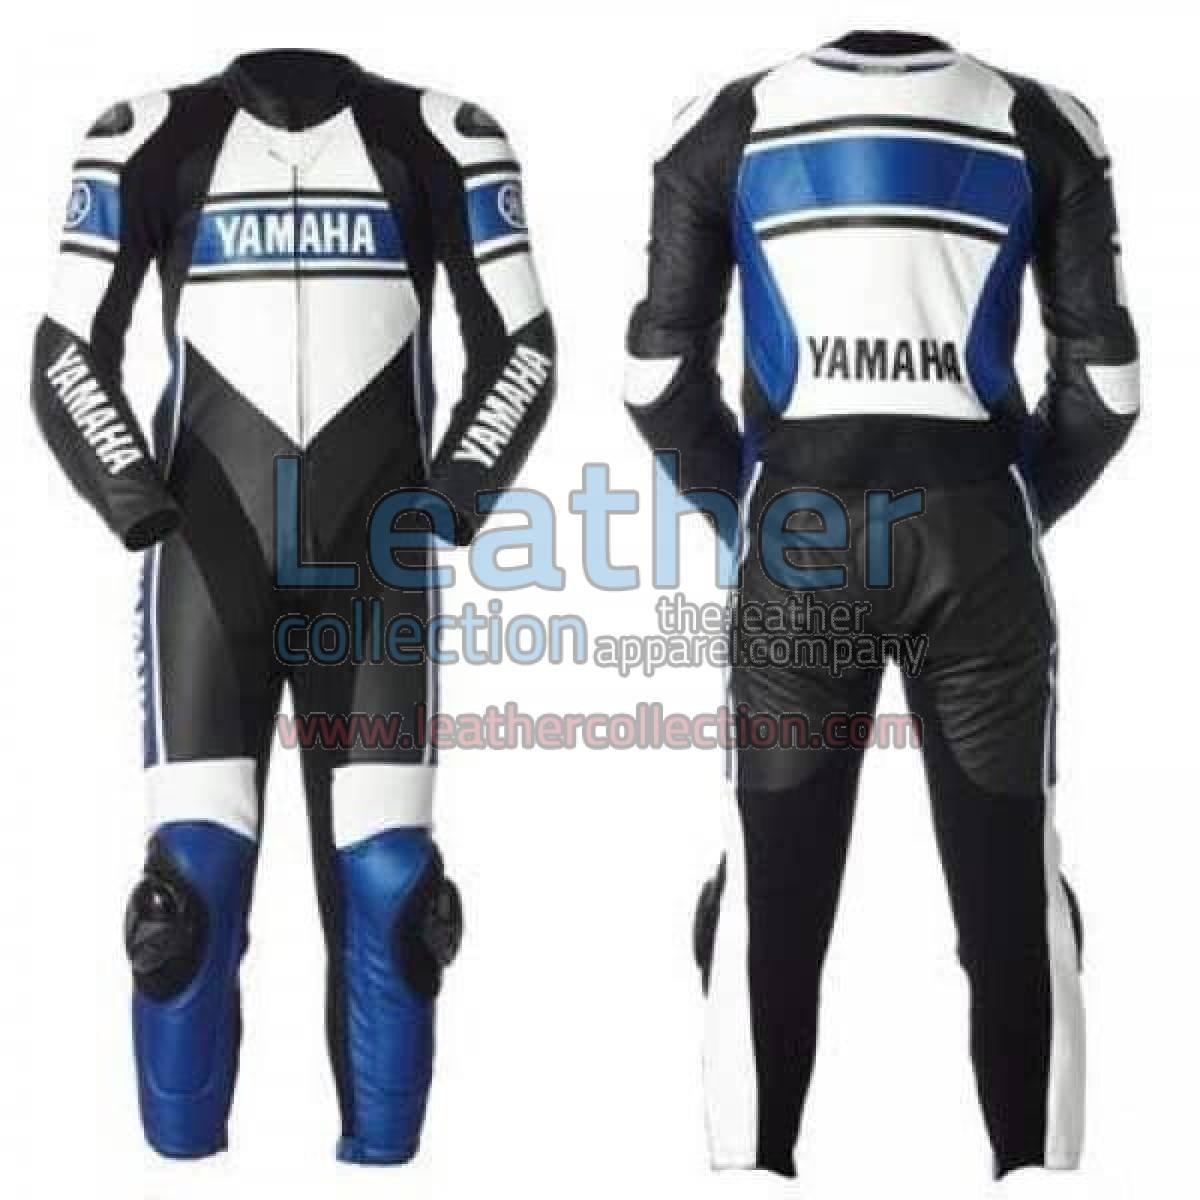 Yamaha Motorcycle Leather Suit Blue